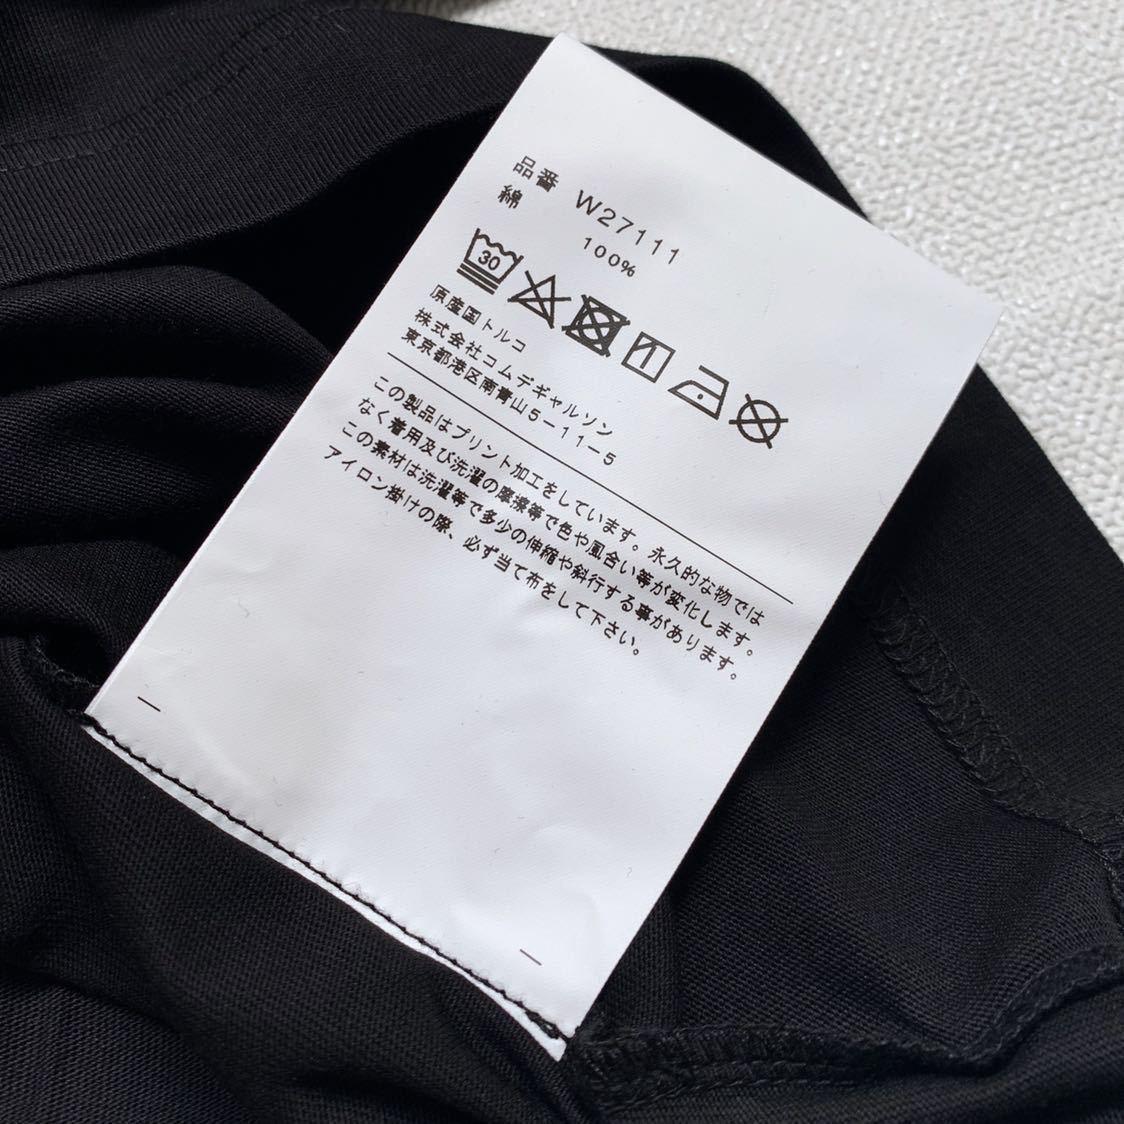 新作 2019AW コムデギャルソンシャツ 裾 ロゴ 半袖 Tシャツ M 黒 ブラック Comme des Garcons Shirt W27111 メンズ 新品 2019FW_画像6